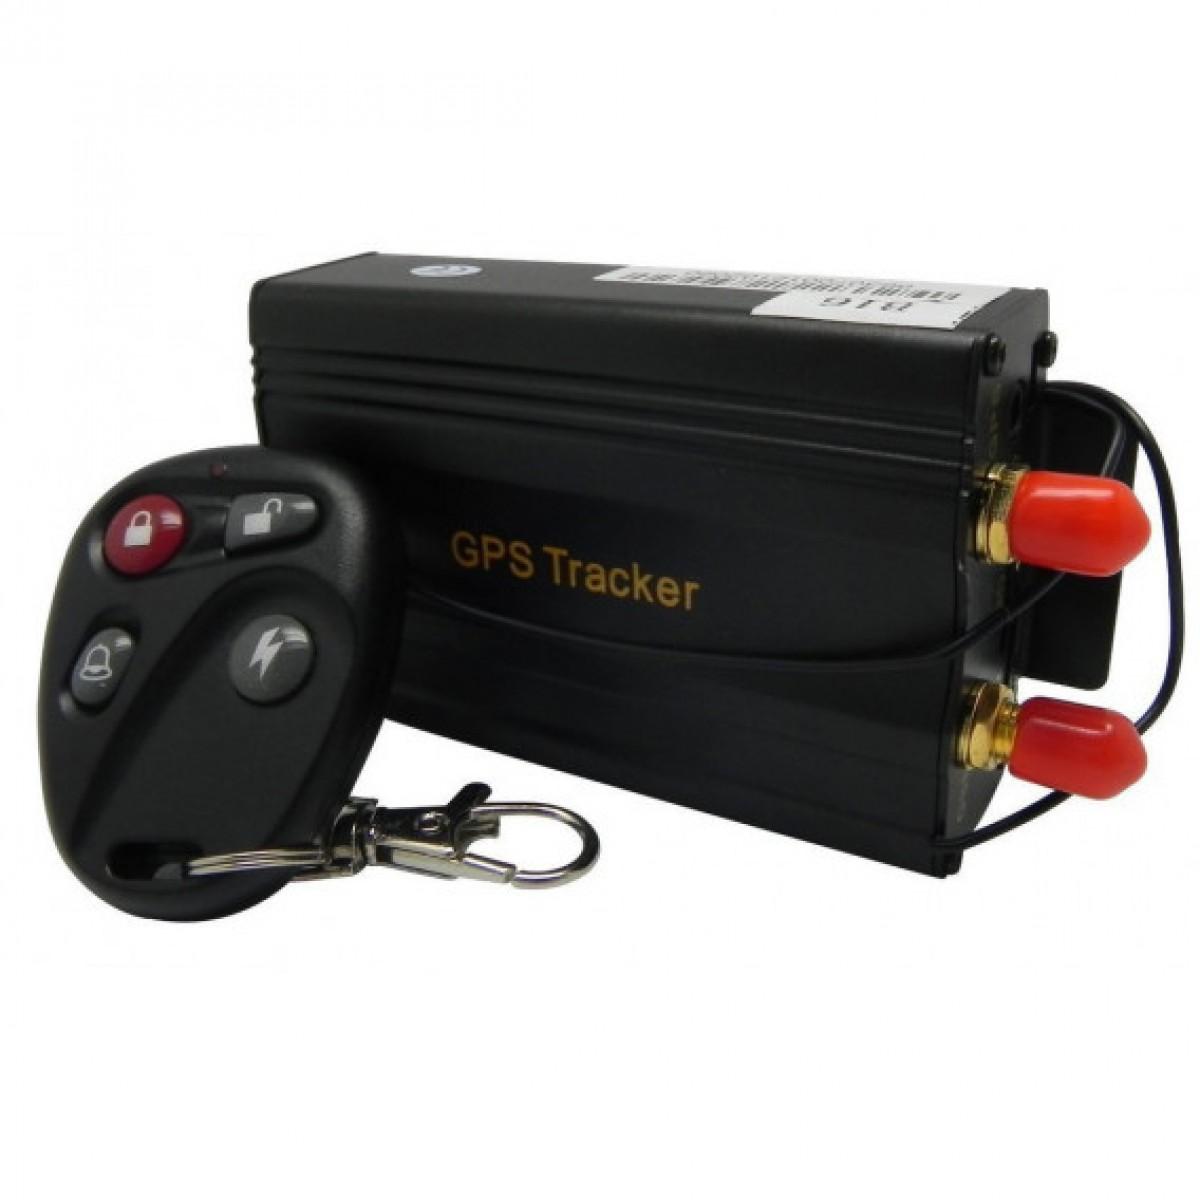 GPS Tracker TK103B Δορυφορικό Σύστημα Εντοπισμού Θέσης Αυτοκινήτου,Tαχι,Φορτηγά